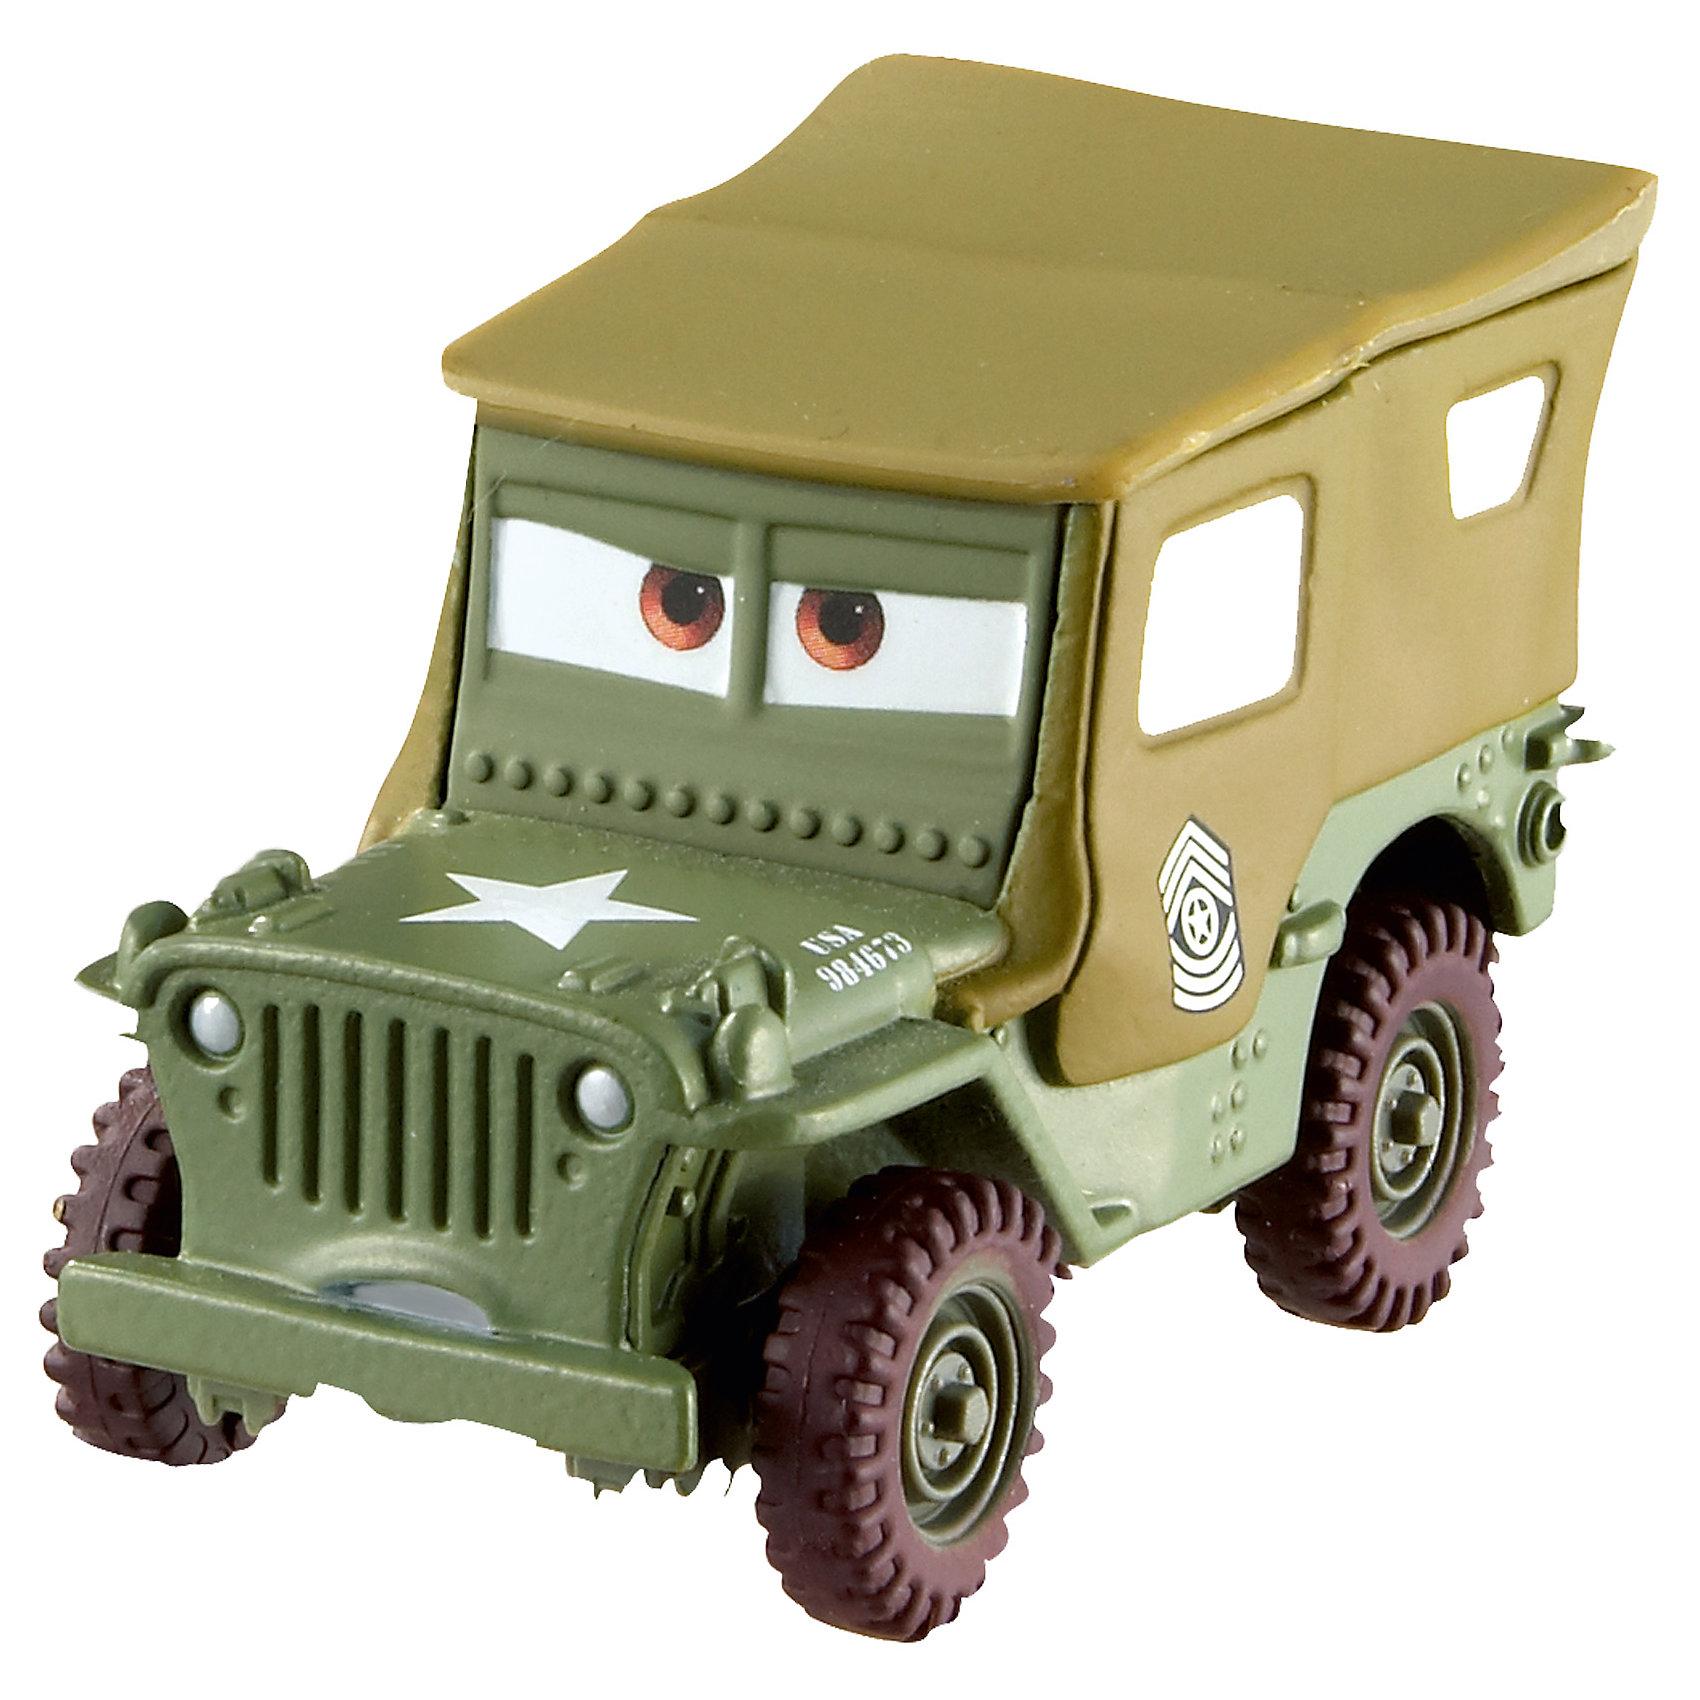 Литая машинка, Тачки-2Тачки<br>Литая машинка Делюкс от компании «Mattel» выполнена в виде главного персонажа мультфильма «Тачки 2». Изготовленная из металла в масштабе 1:55 игрушка отличается высокой степенью детализации и качеством исполнения. Завладев несколькими моделями, малыш сможет окунуться в любимый мультипликационный мир, устроить красочные показательные выступления среди машинок-киногероев.<br><br>Дополнительная информация:<br><br>- Материал: металл<br>- В упаковке: 1 шт.<br>- Размер машинки: 8 см.<br><br>Литую машинку, Тачки-2 можно купить в нашем магазине.<br><br>Ширина мм: 135<br>Глубина мм: 45<br>Высота мм: 160<br>Вес г: 80<br>Возраст от месяцев: 36<br>Возраст до месяцев: 72<br>Пол: Мужской<br>Возраст: Детский<br>SKU: 5015783